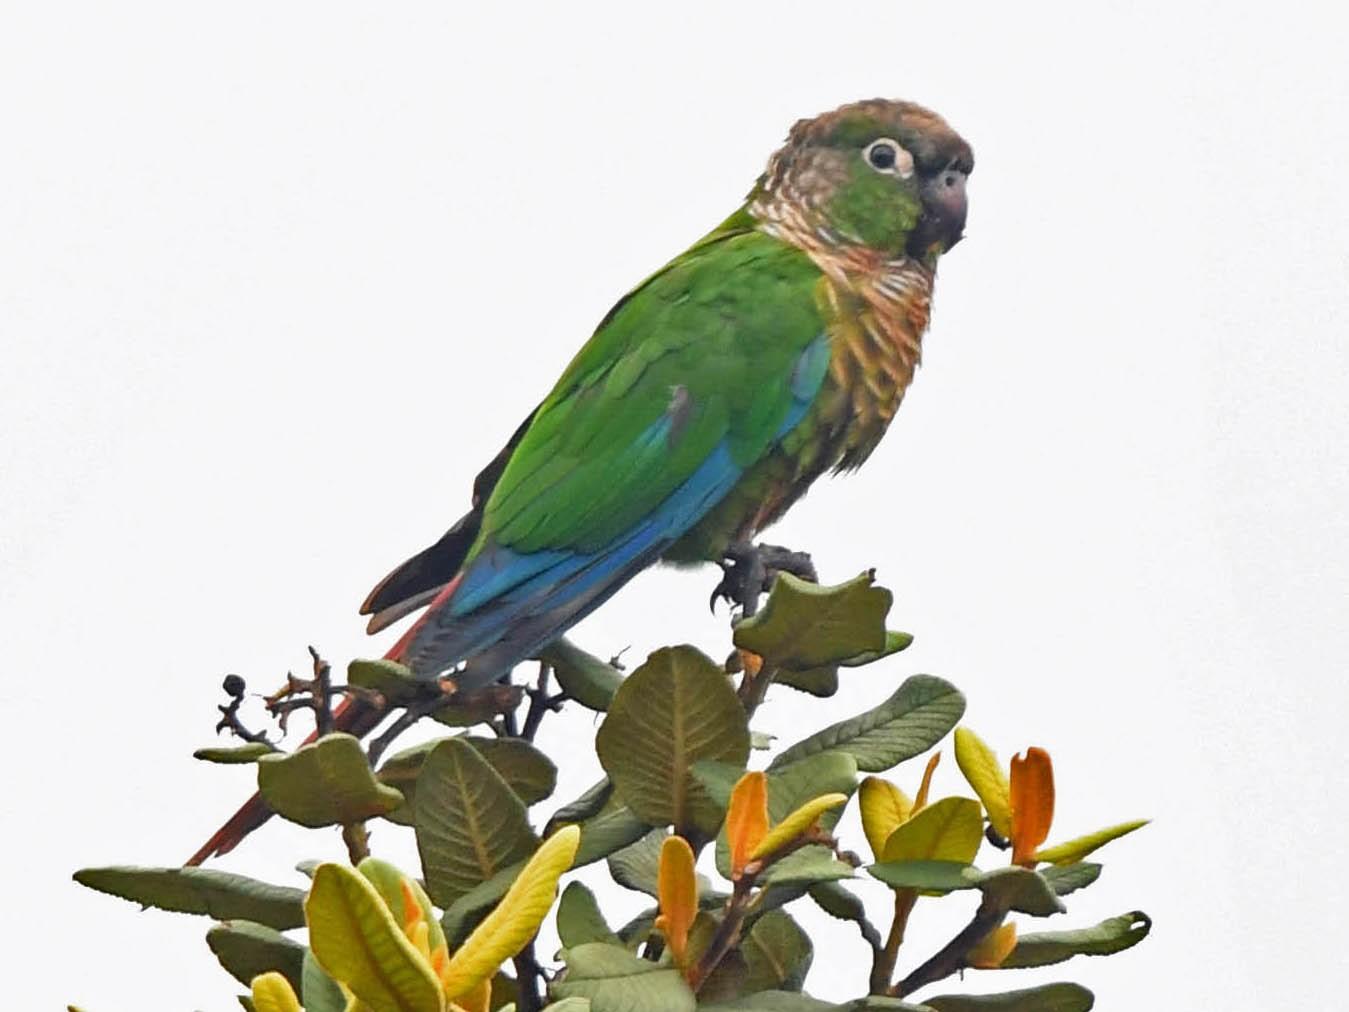 Green-cheeked Parakeet - Tini & Jacob Wijpkema